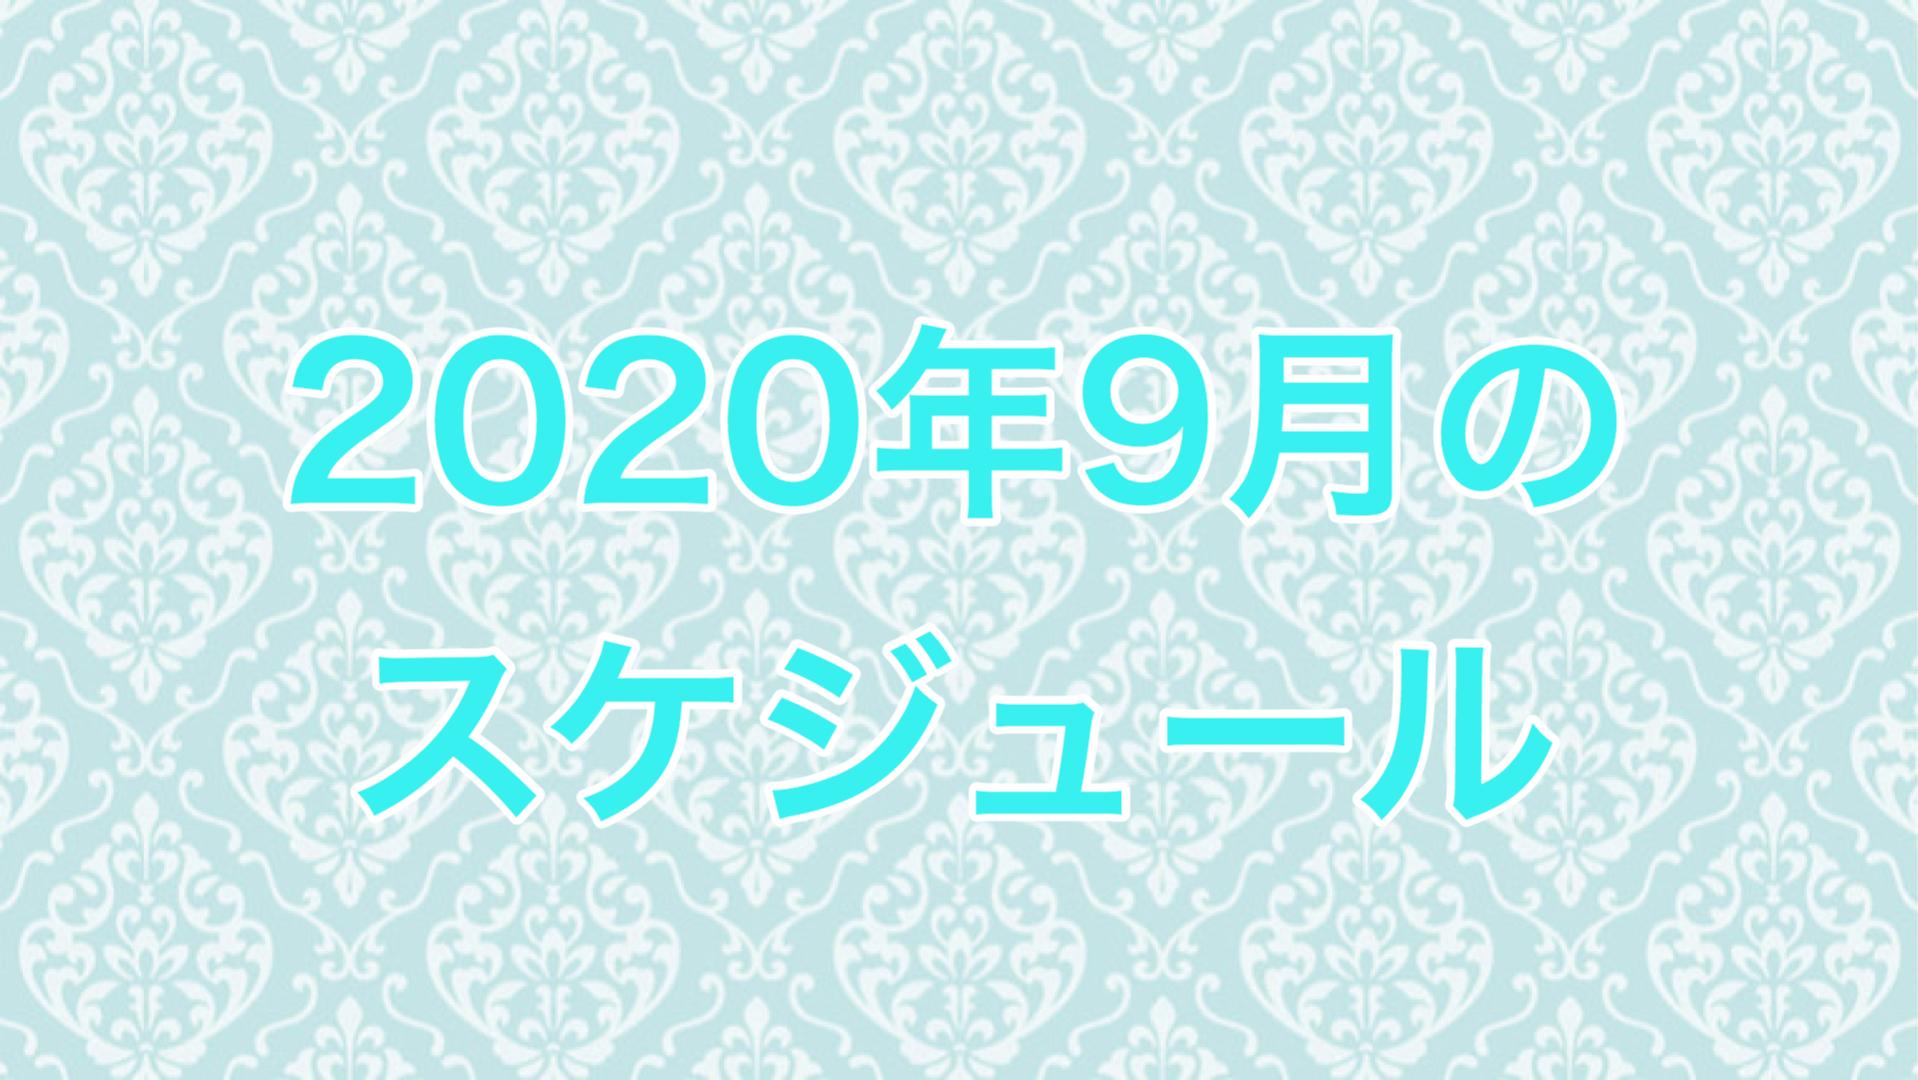 2020年9月のスケジュール